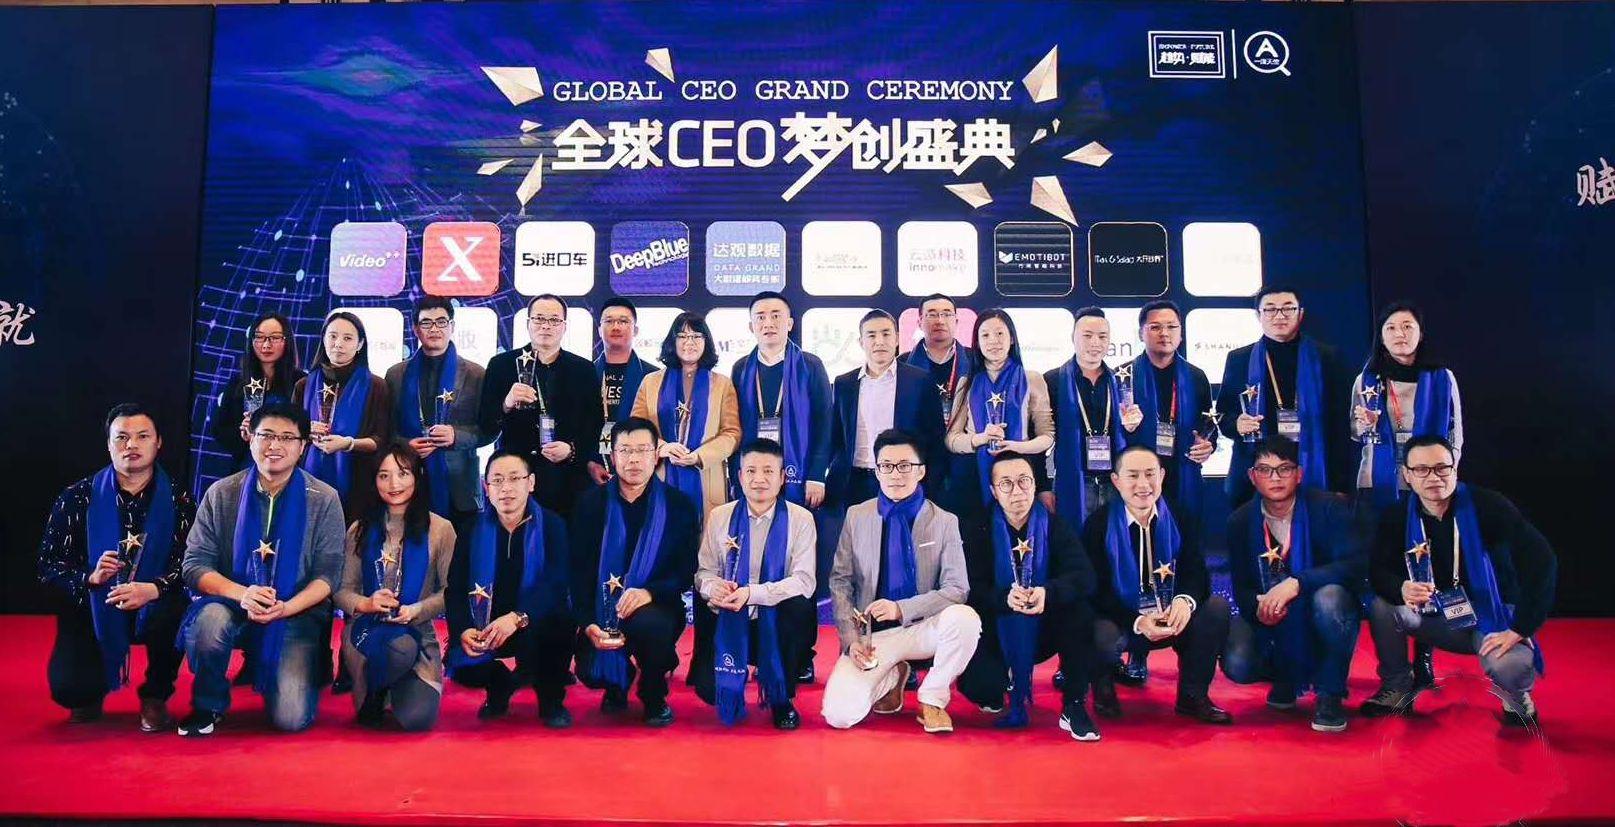 全球CEO梦创盛典闪耀魔都,达观数据荣获年度TOP 30独角兽